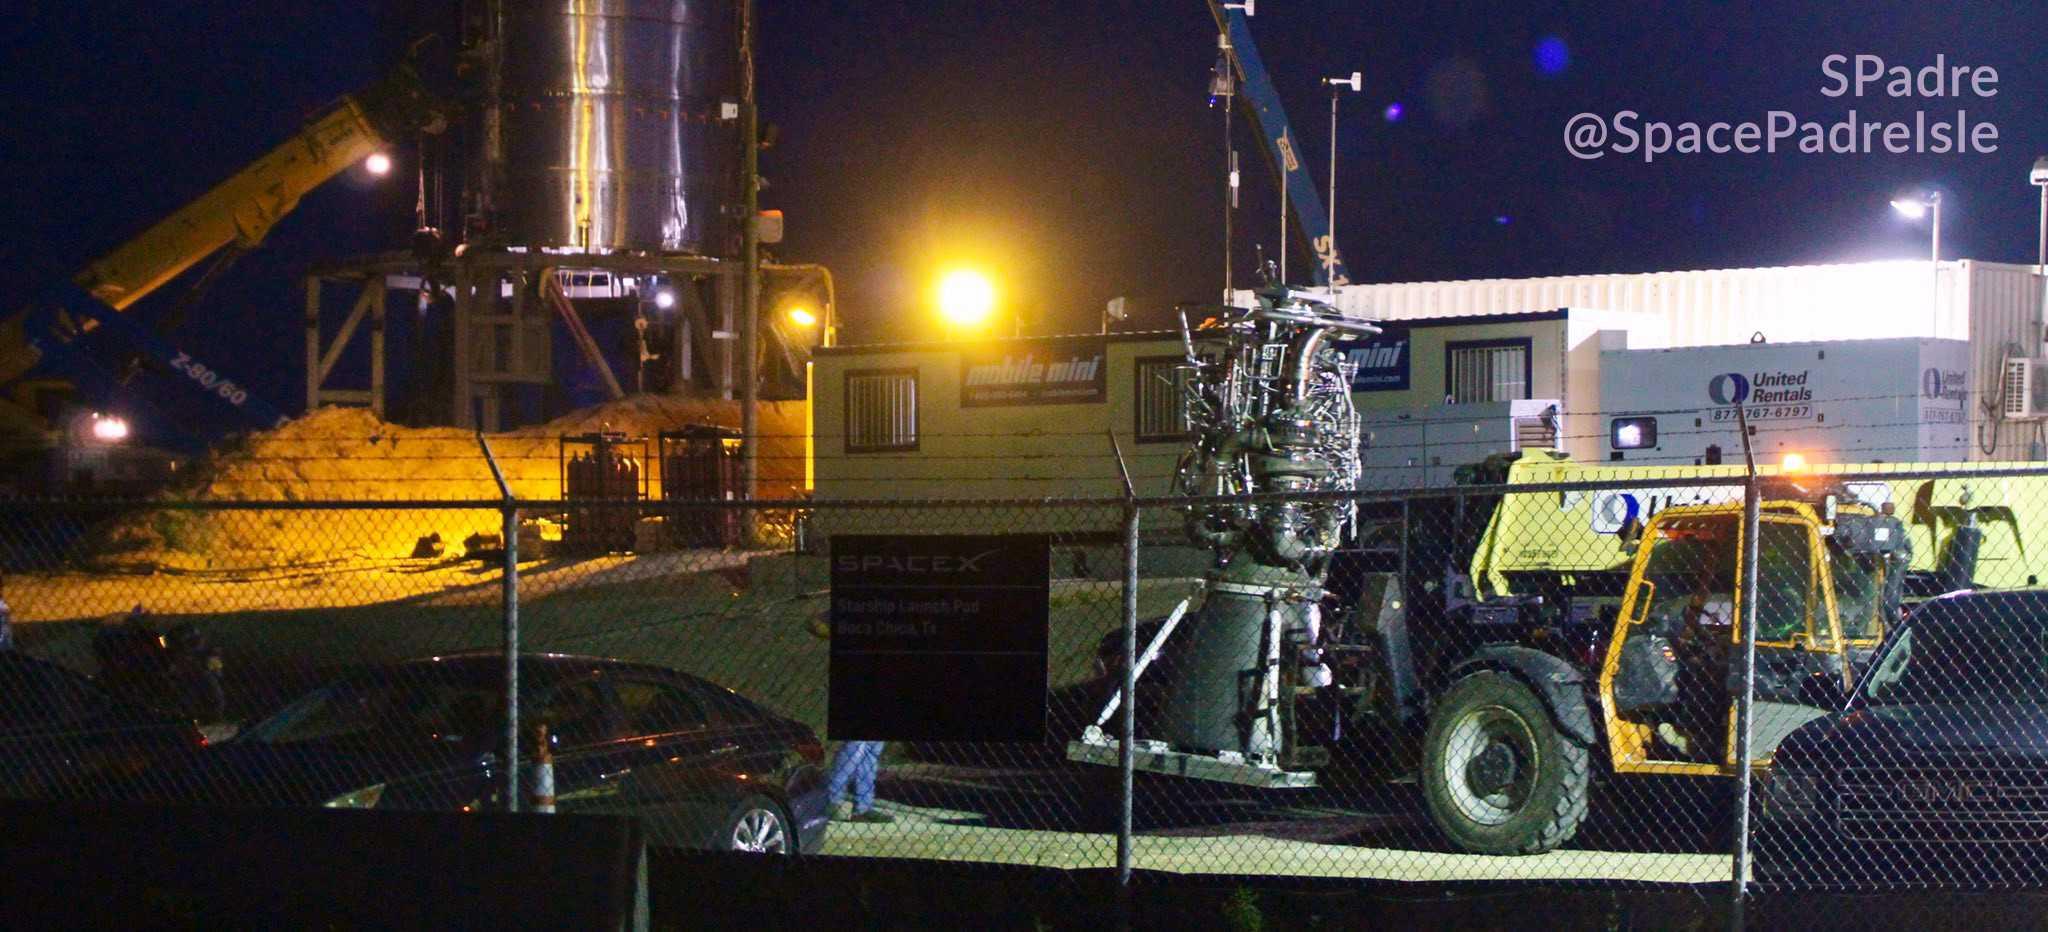 Starship Boca Chica 051020 (SPadre) SN4 Raptor SN20 delivery 2 (c)